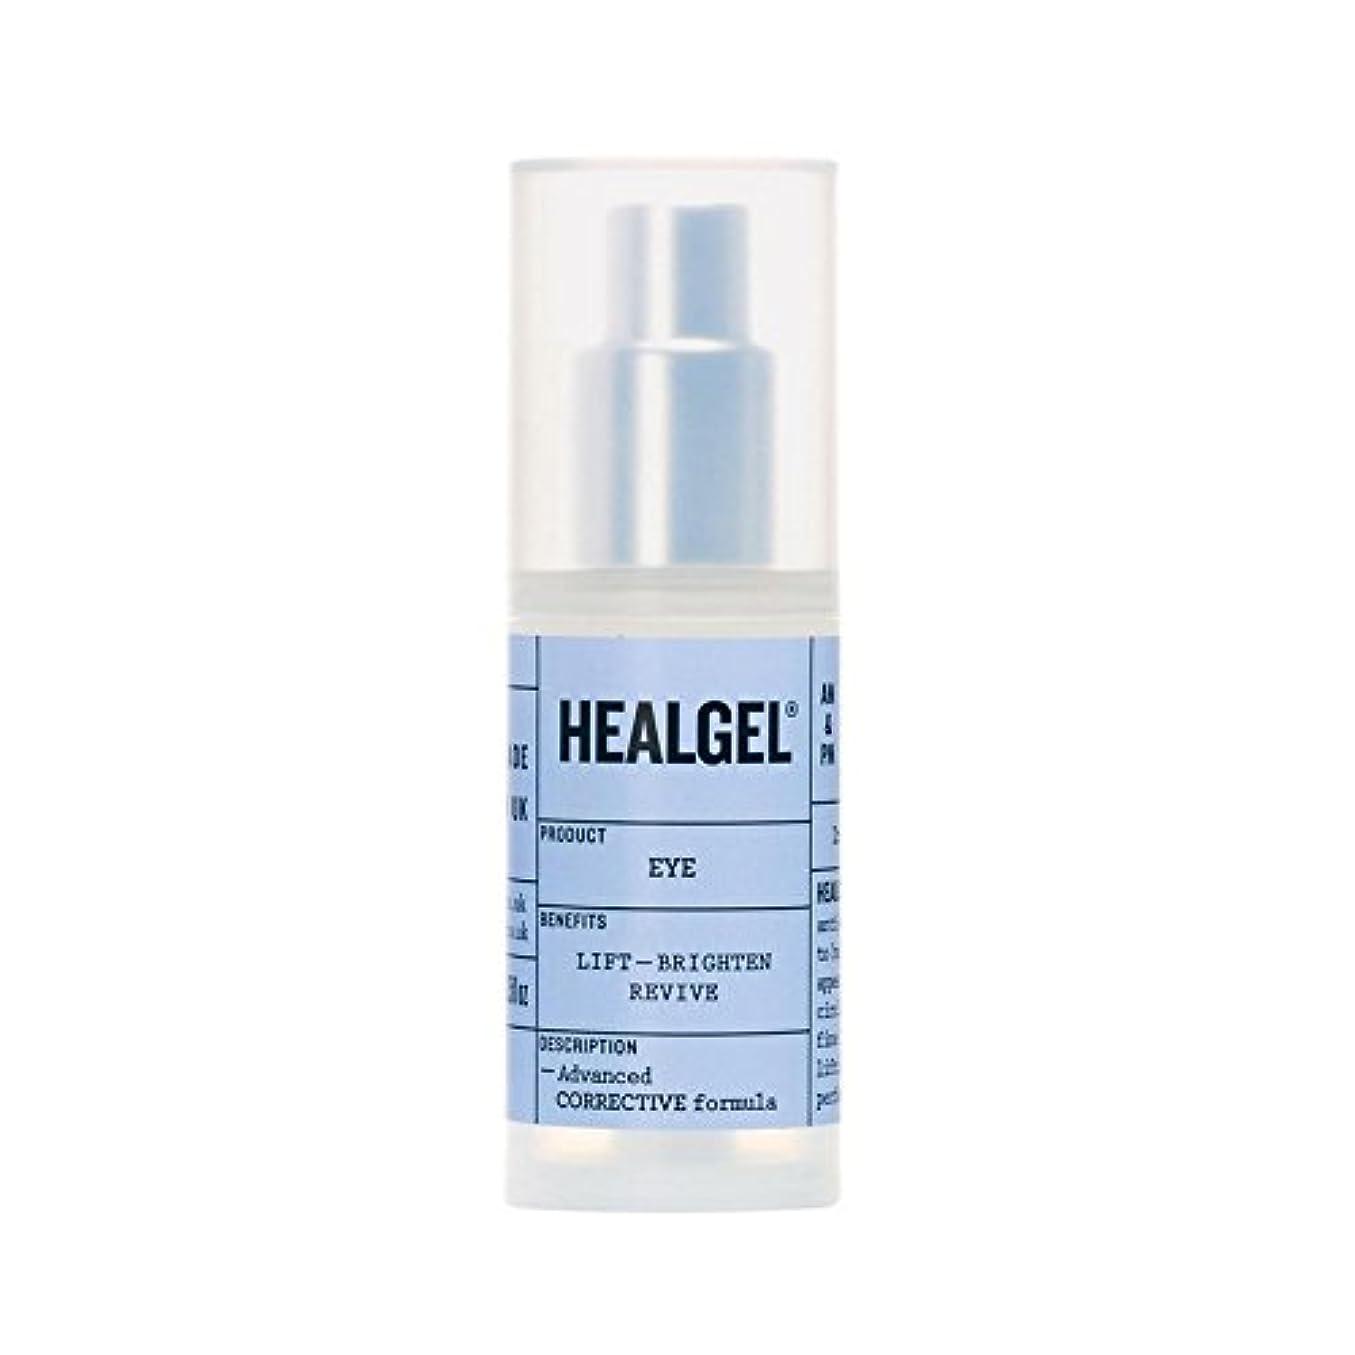 旅クランプ忘れるゲル白眼式15ミリリットルを癒します x4 - Heal Gel Brightening Eye Formula 15ml (Pack of 4) [並行輸入品]